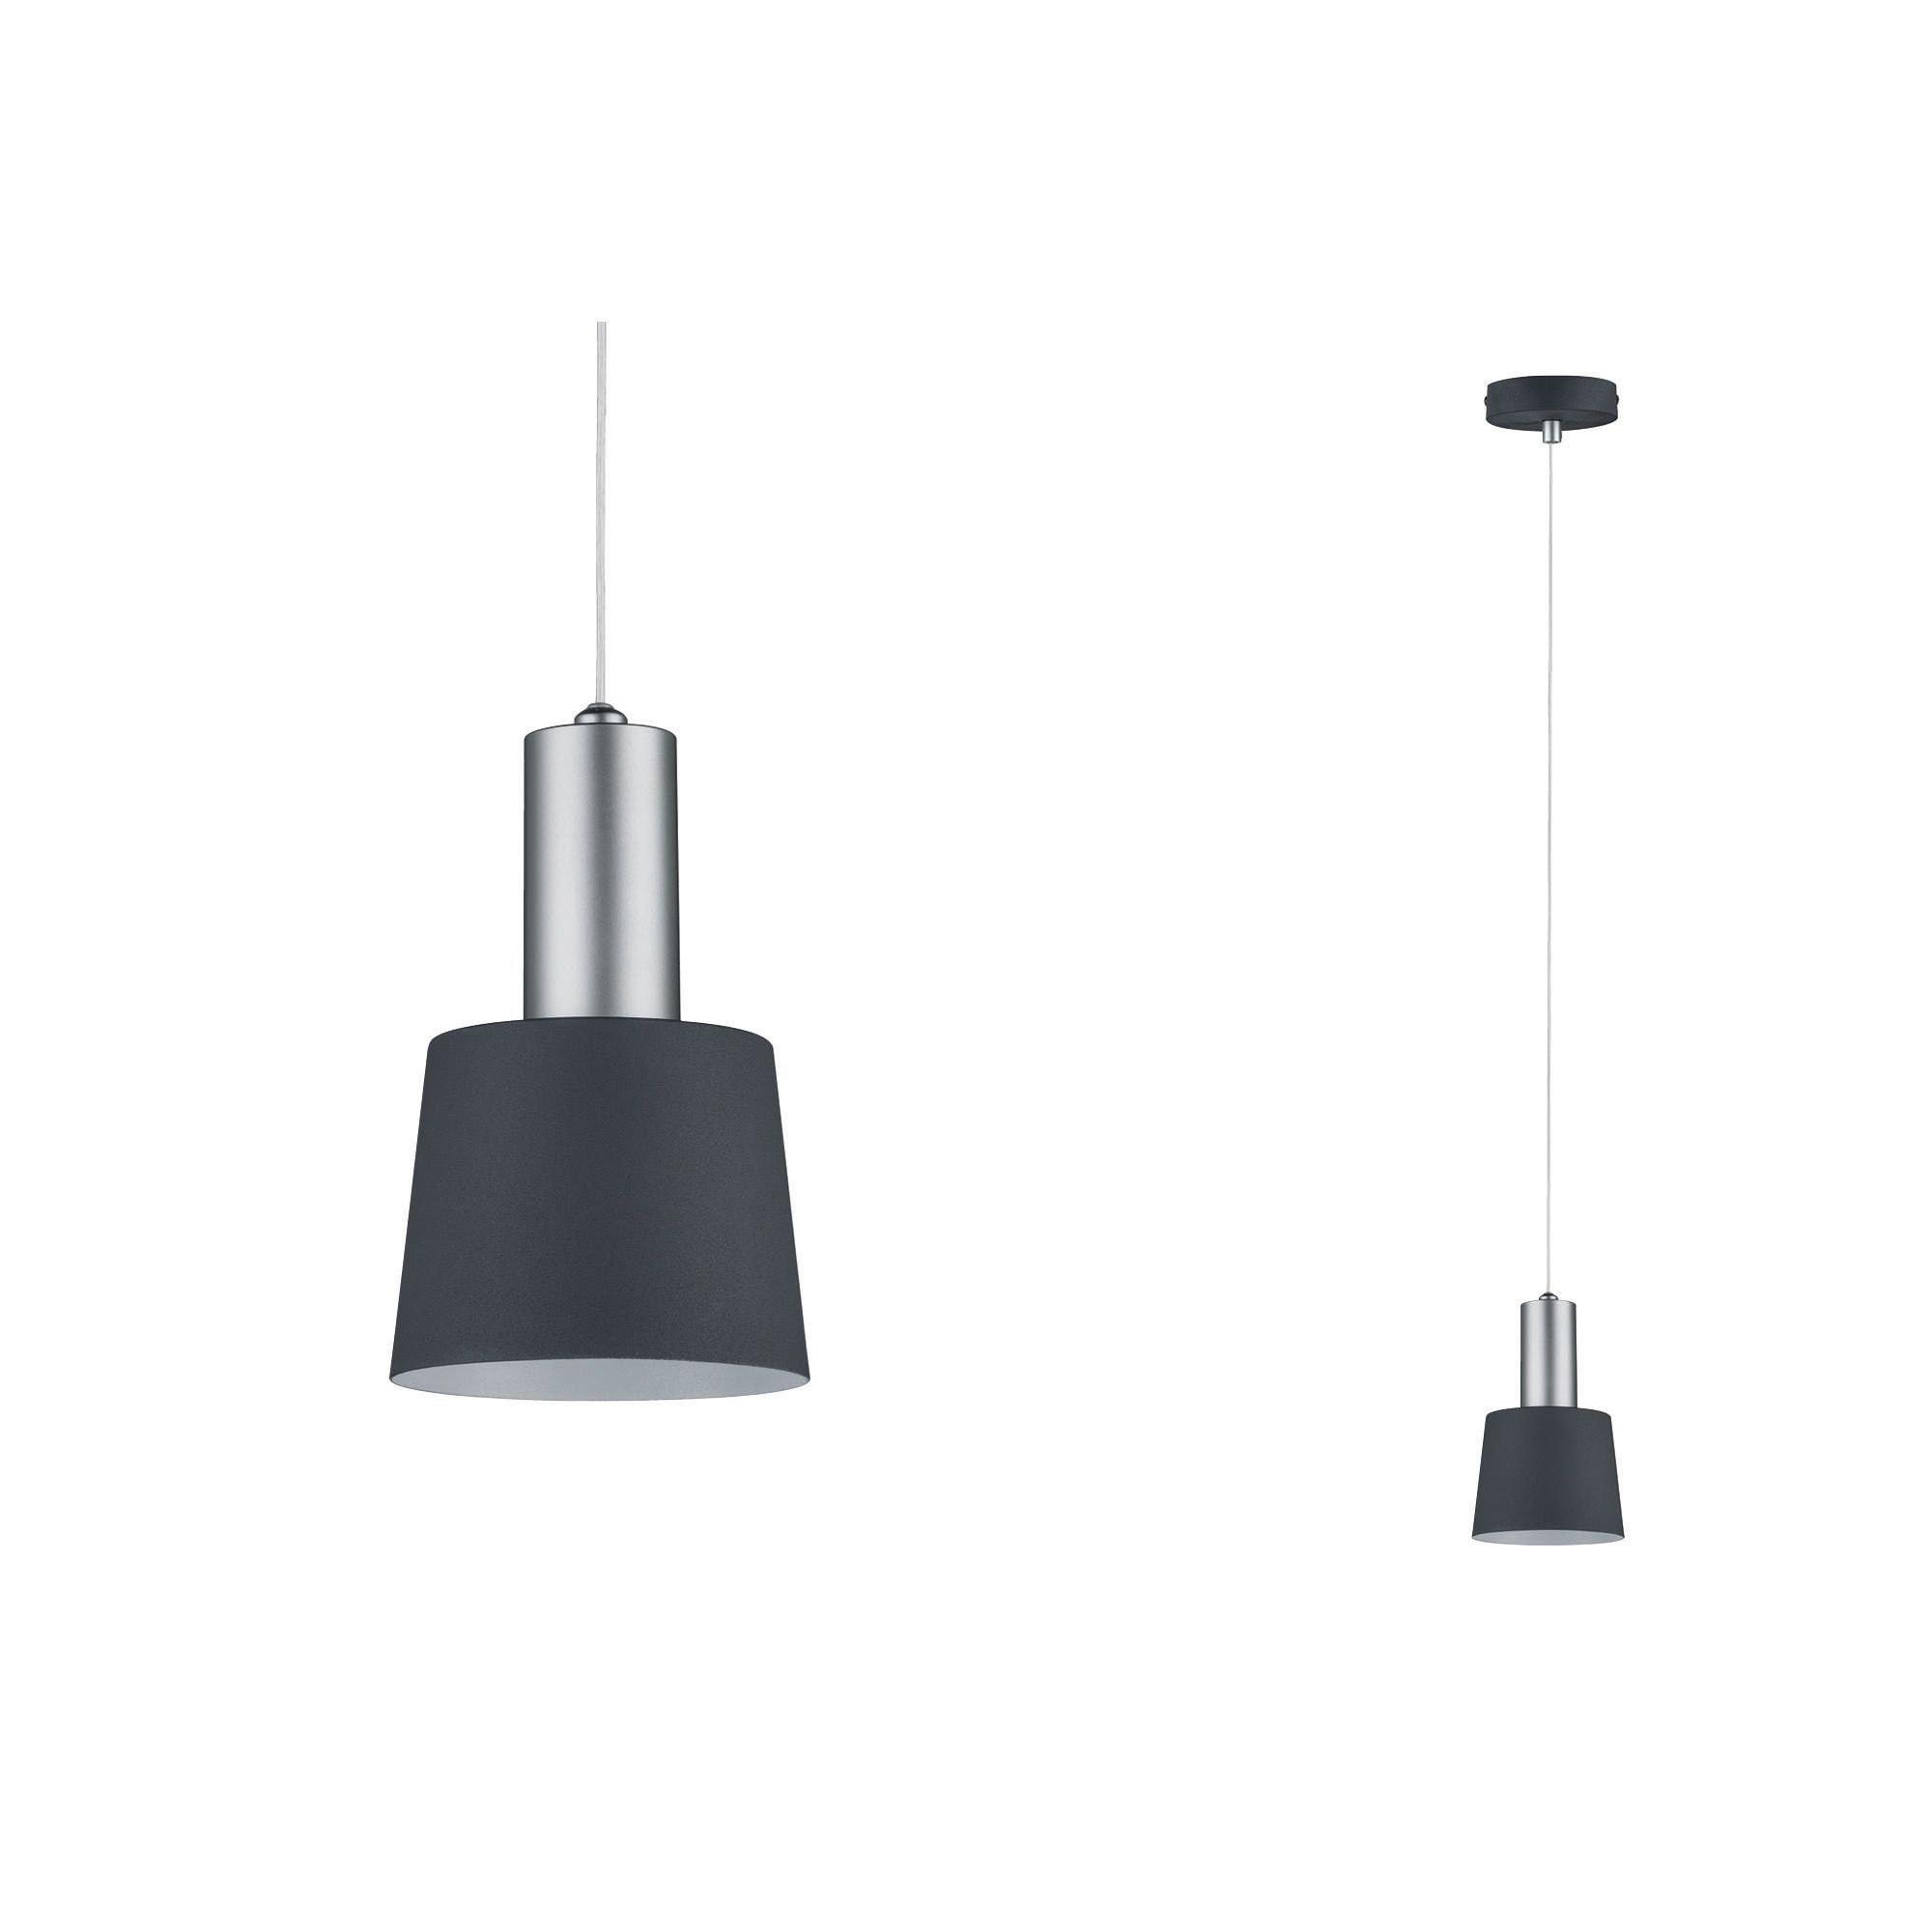 Paulmann LED Pendelleuchte Neordic Haldar Dunkelgrau/Chrom matt, E14, 1 St.